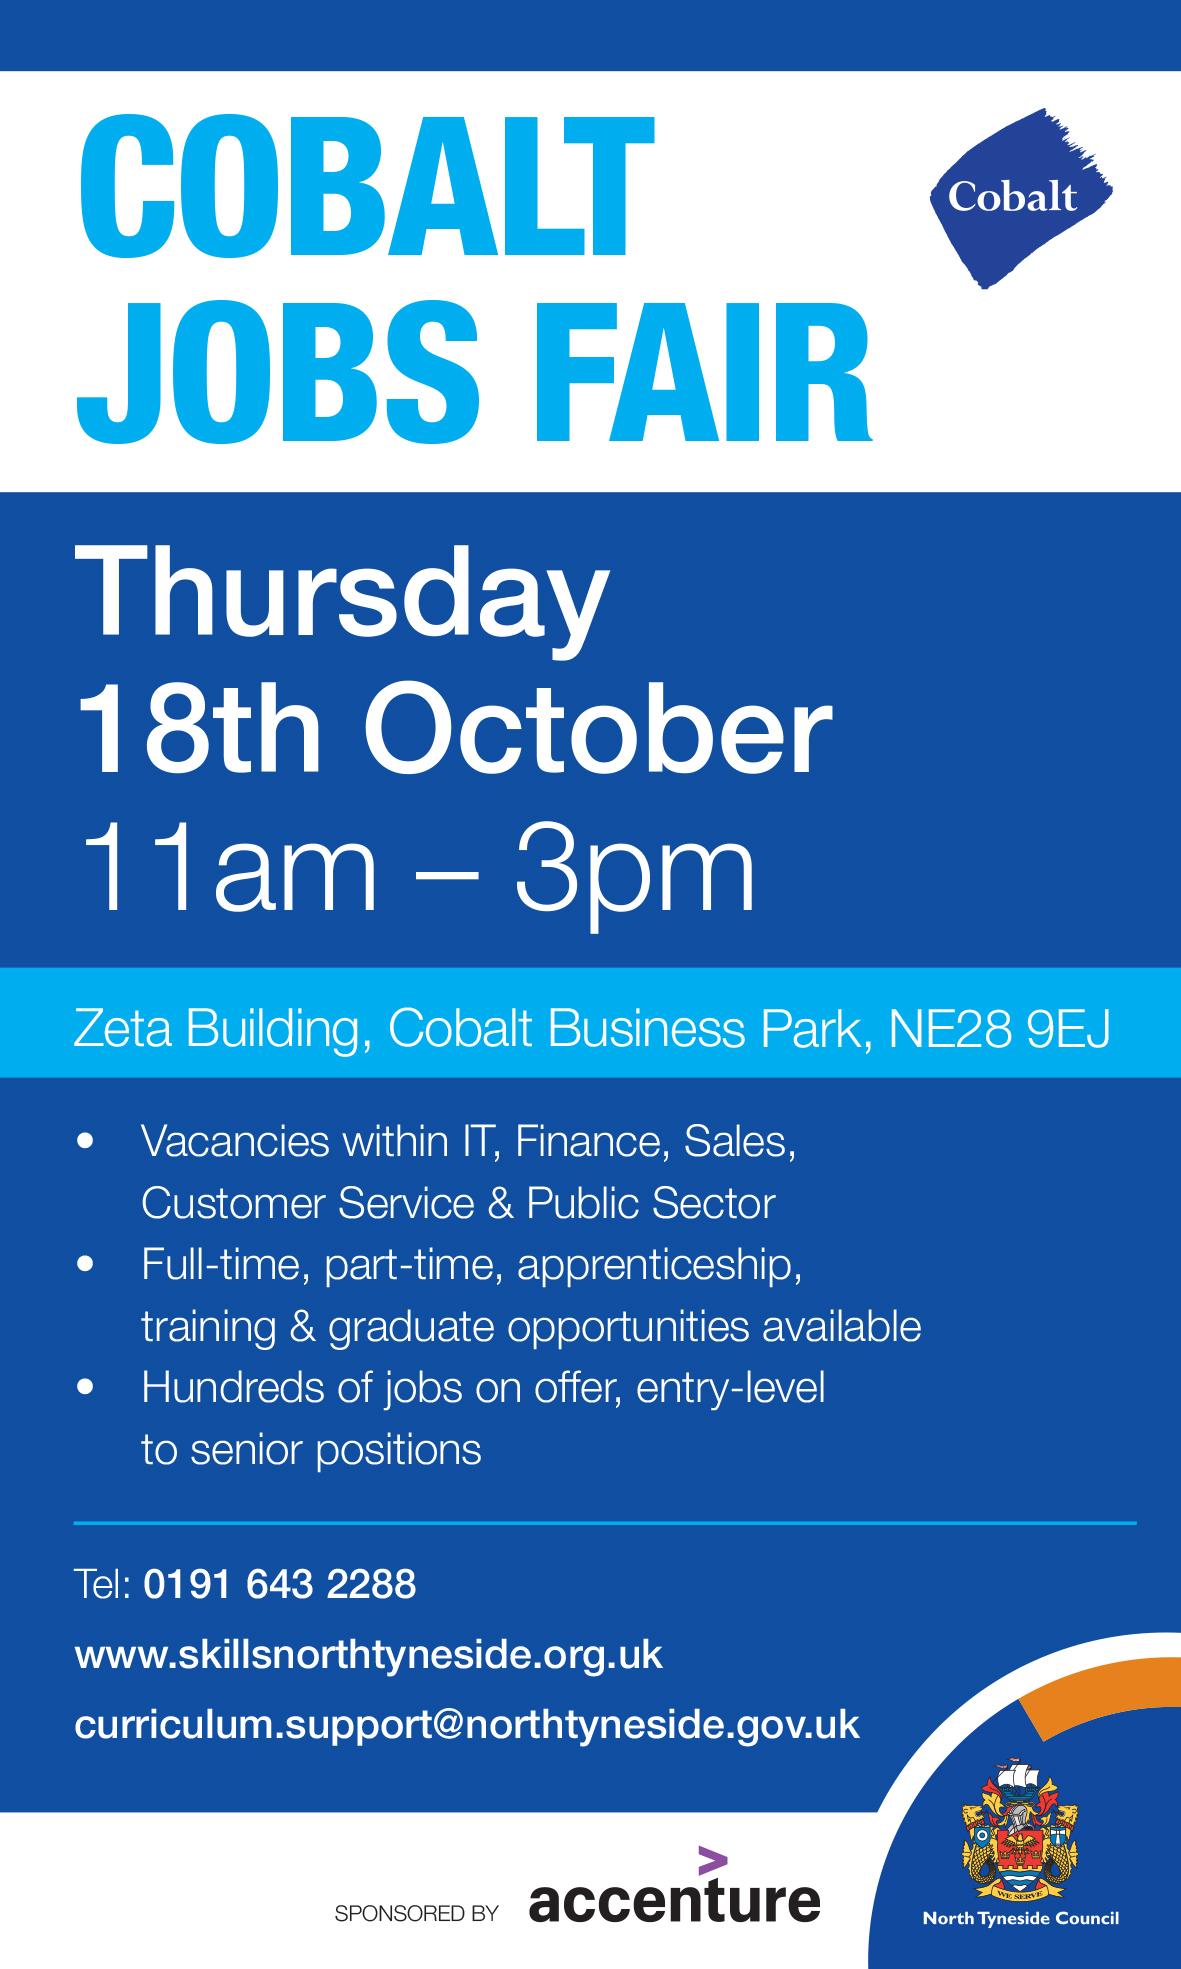 Cobalt Jobs Fair